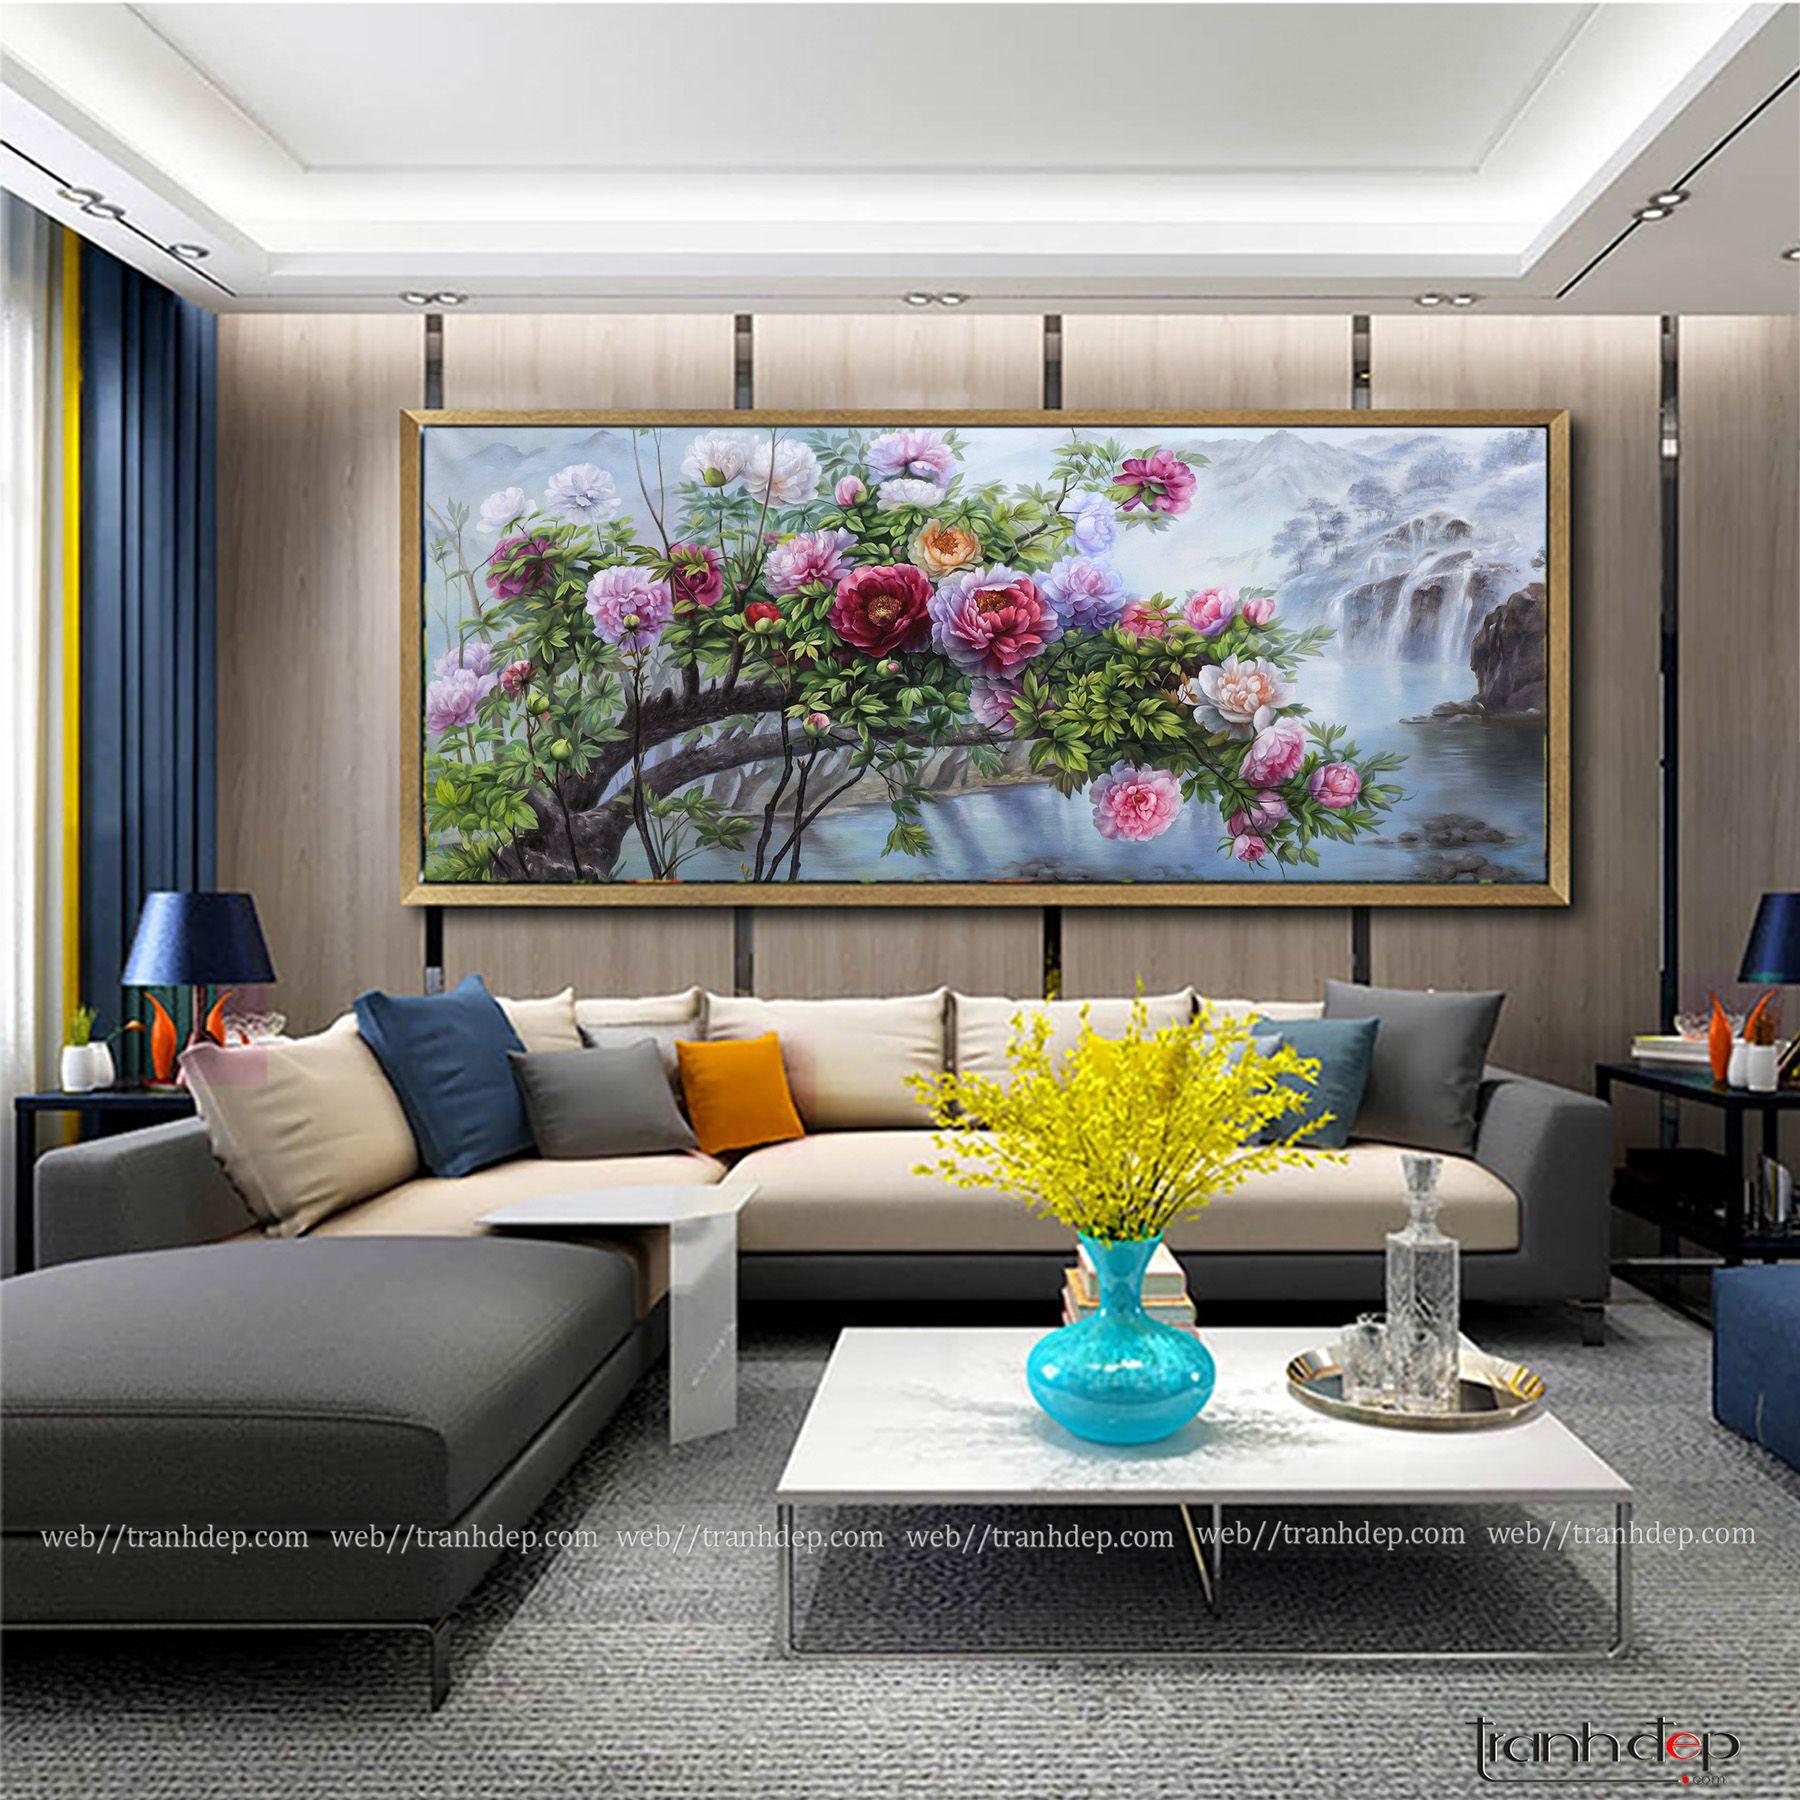 Tranh hoa mẫu đơn trang trí phòng khách